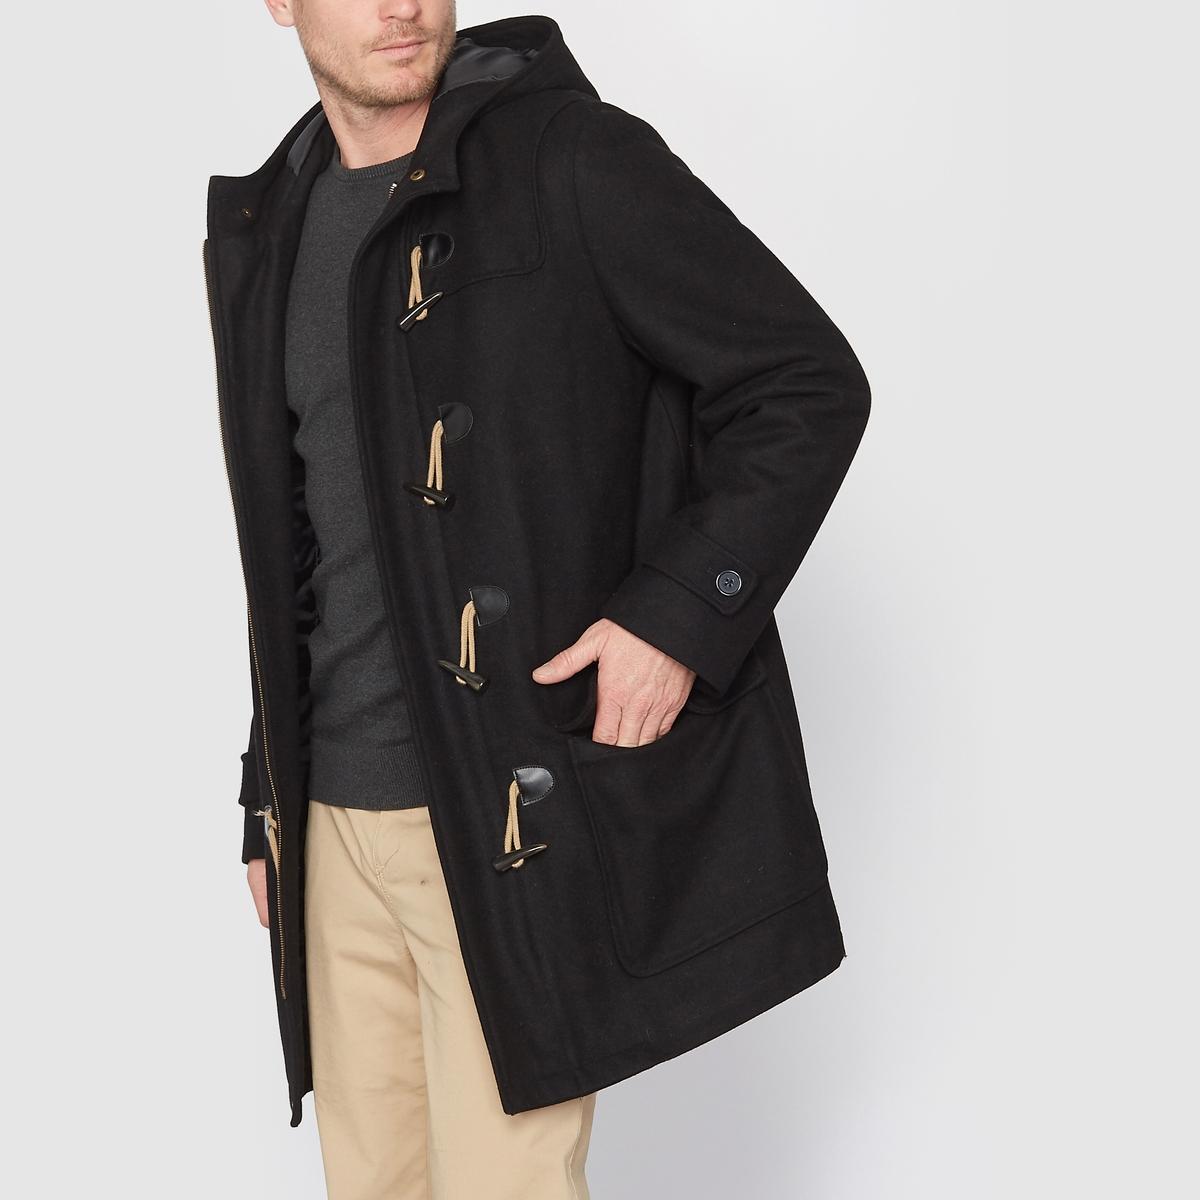 Пальто короткое с капюшоном драповоеКороткое пальто с капюшоном. Отличный элемент зимнего гардероба! С капюшоном. Драп: 65% шерсти, 25% полиэстера, 5% других волокон, 5% акрила, двойная подкладка 100% полиэстер. Длина 89 см. Застежка на молнию, застежки-петли из шнура, пуговицы с имитацией шнура. 2 накладных кармана. 2 внутренних кармана. Манжеты с застежкой-планкой на пуговицы.<br><br>Цвет: черный<br>Размер: 78/80